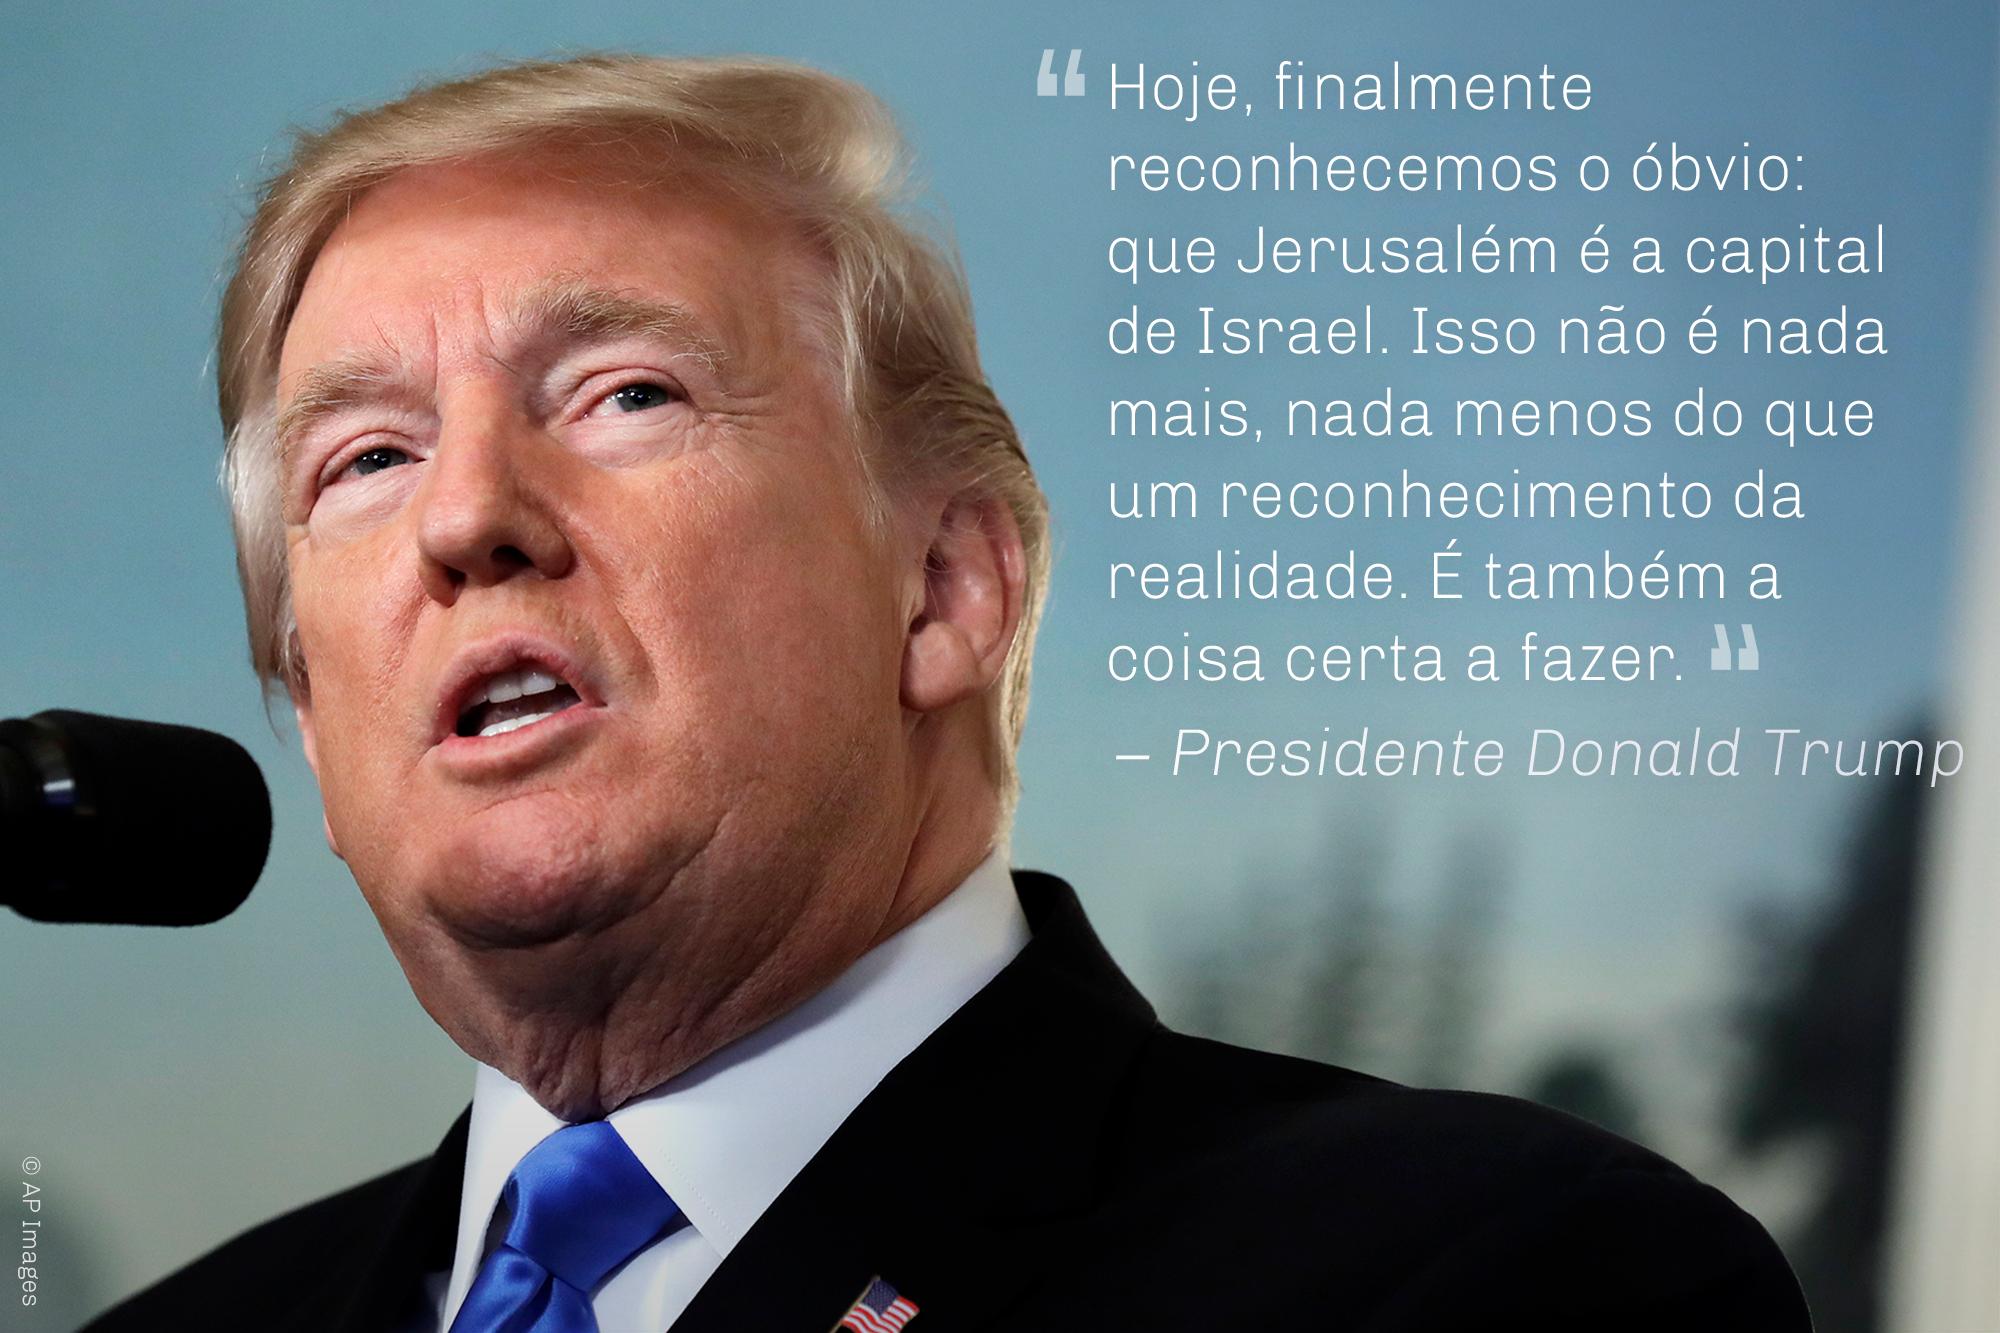 Foto e citação do presidente Trump considerando Jerusalém a capital de Israel (© AP Images)